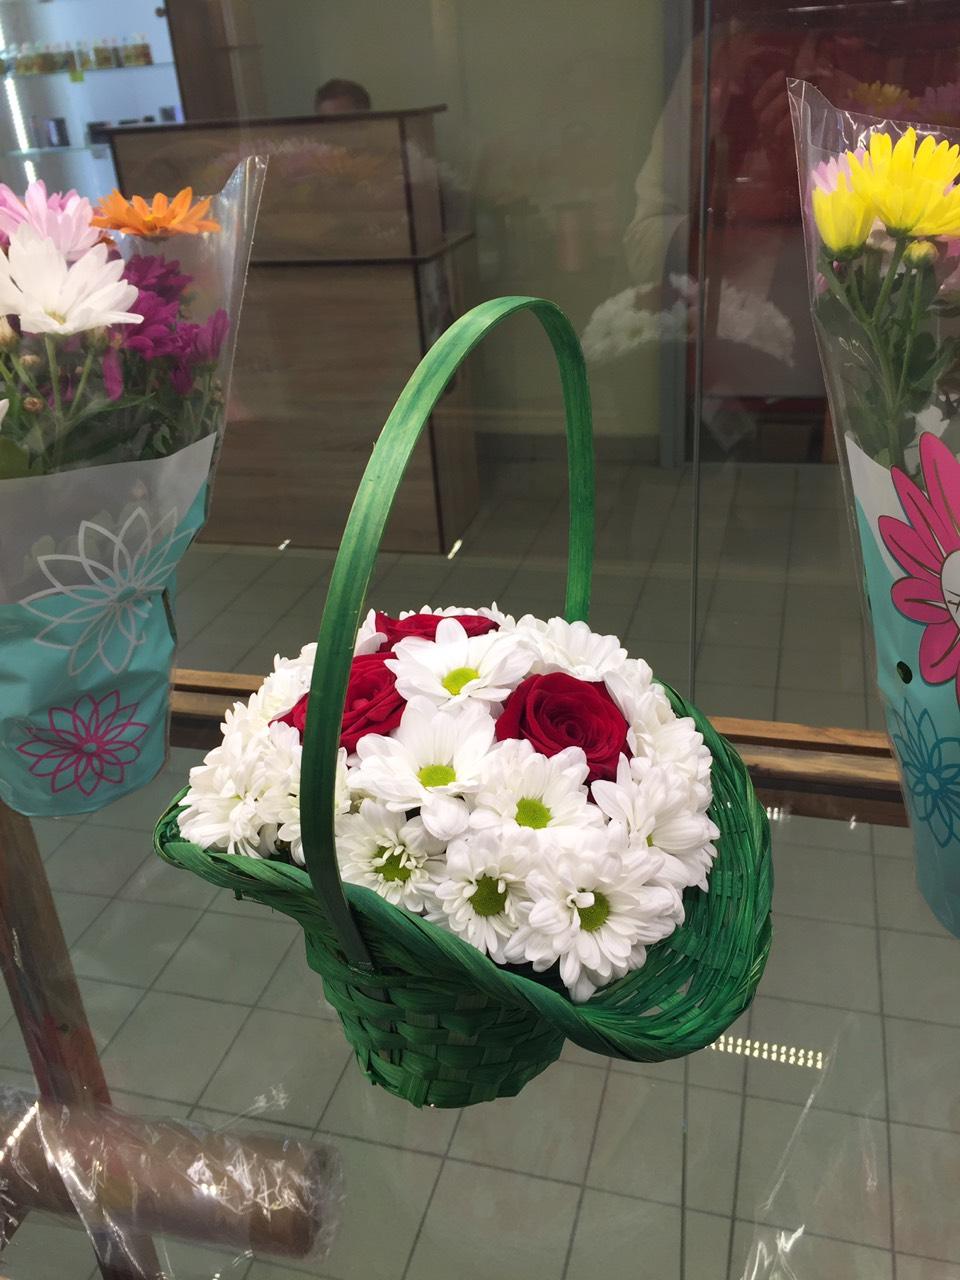 Свежие розы от 2,49 руб, букеты от 22,41 руб. + бесплатная доставка!